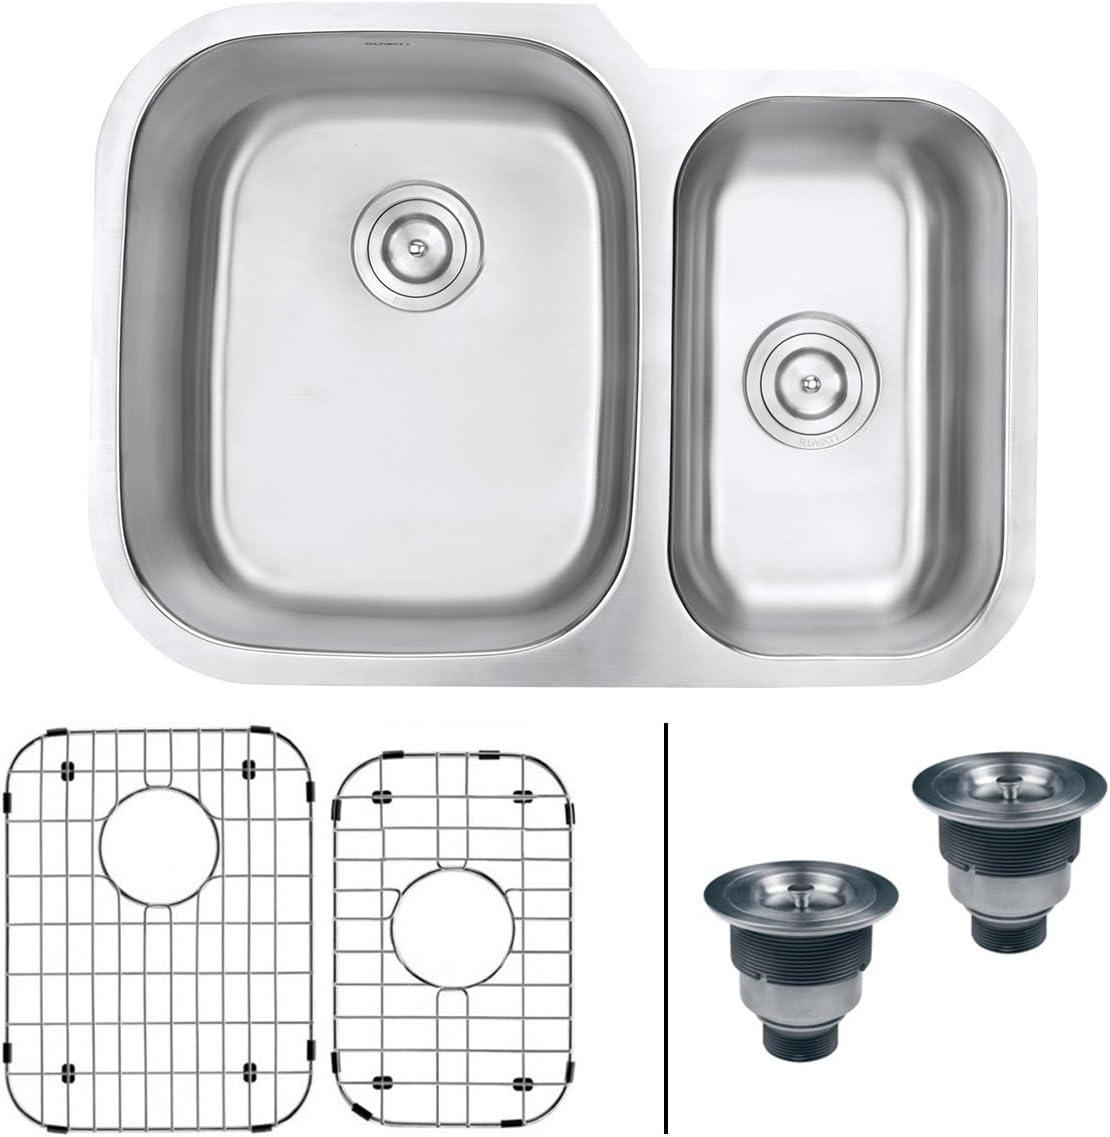 Ruvati 29-inch Undermount 60 40 Double Bowl 16 Gauge Stainless Steel Kitchen Sink – RVM4500